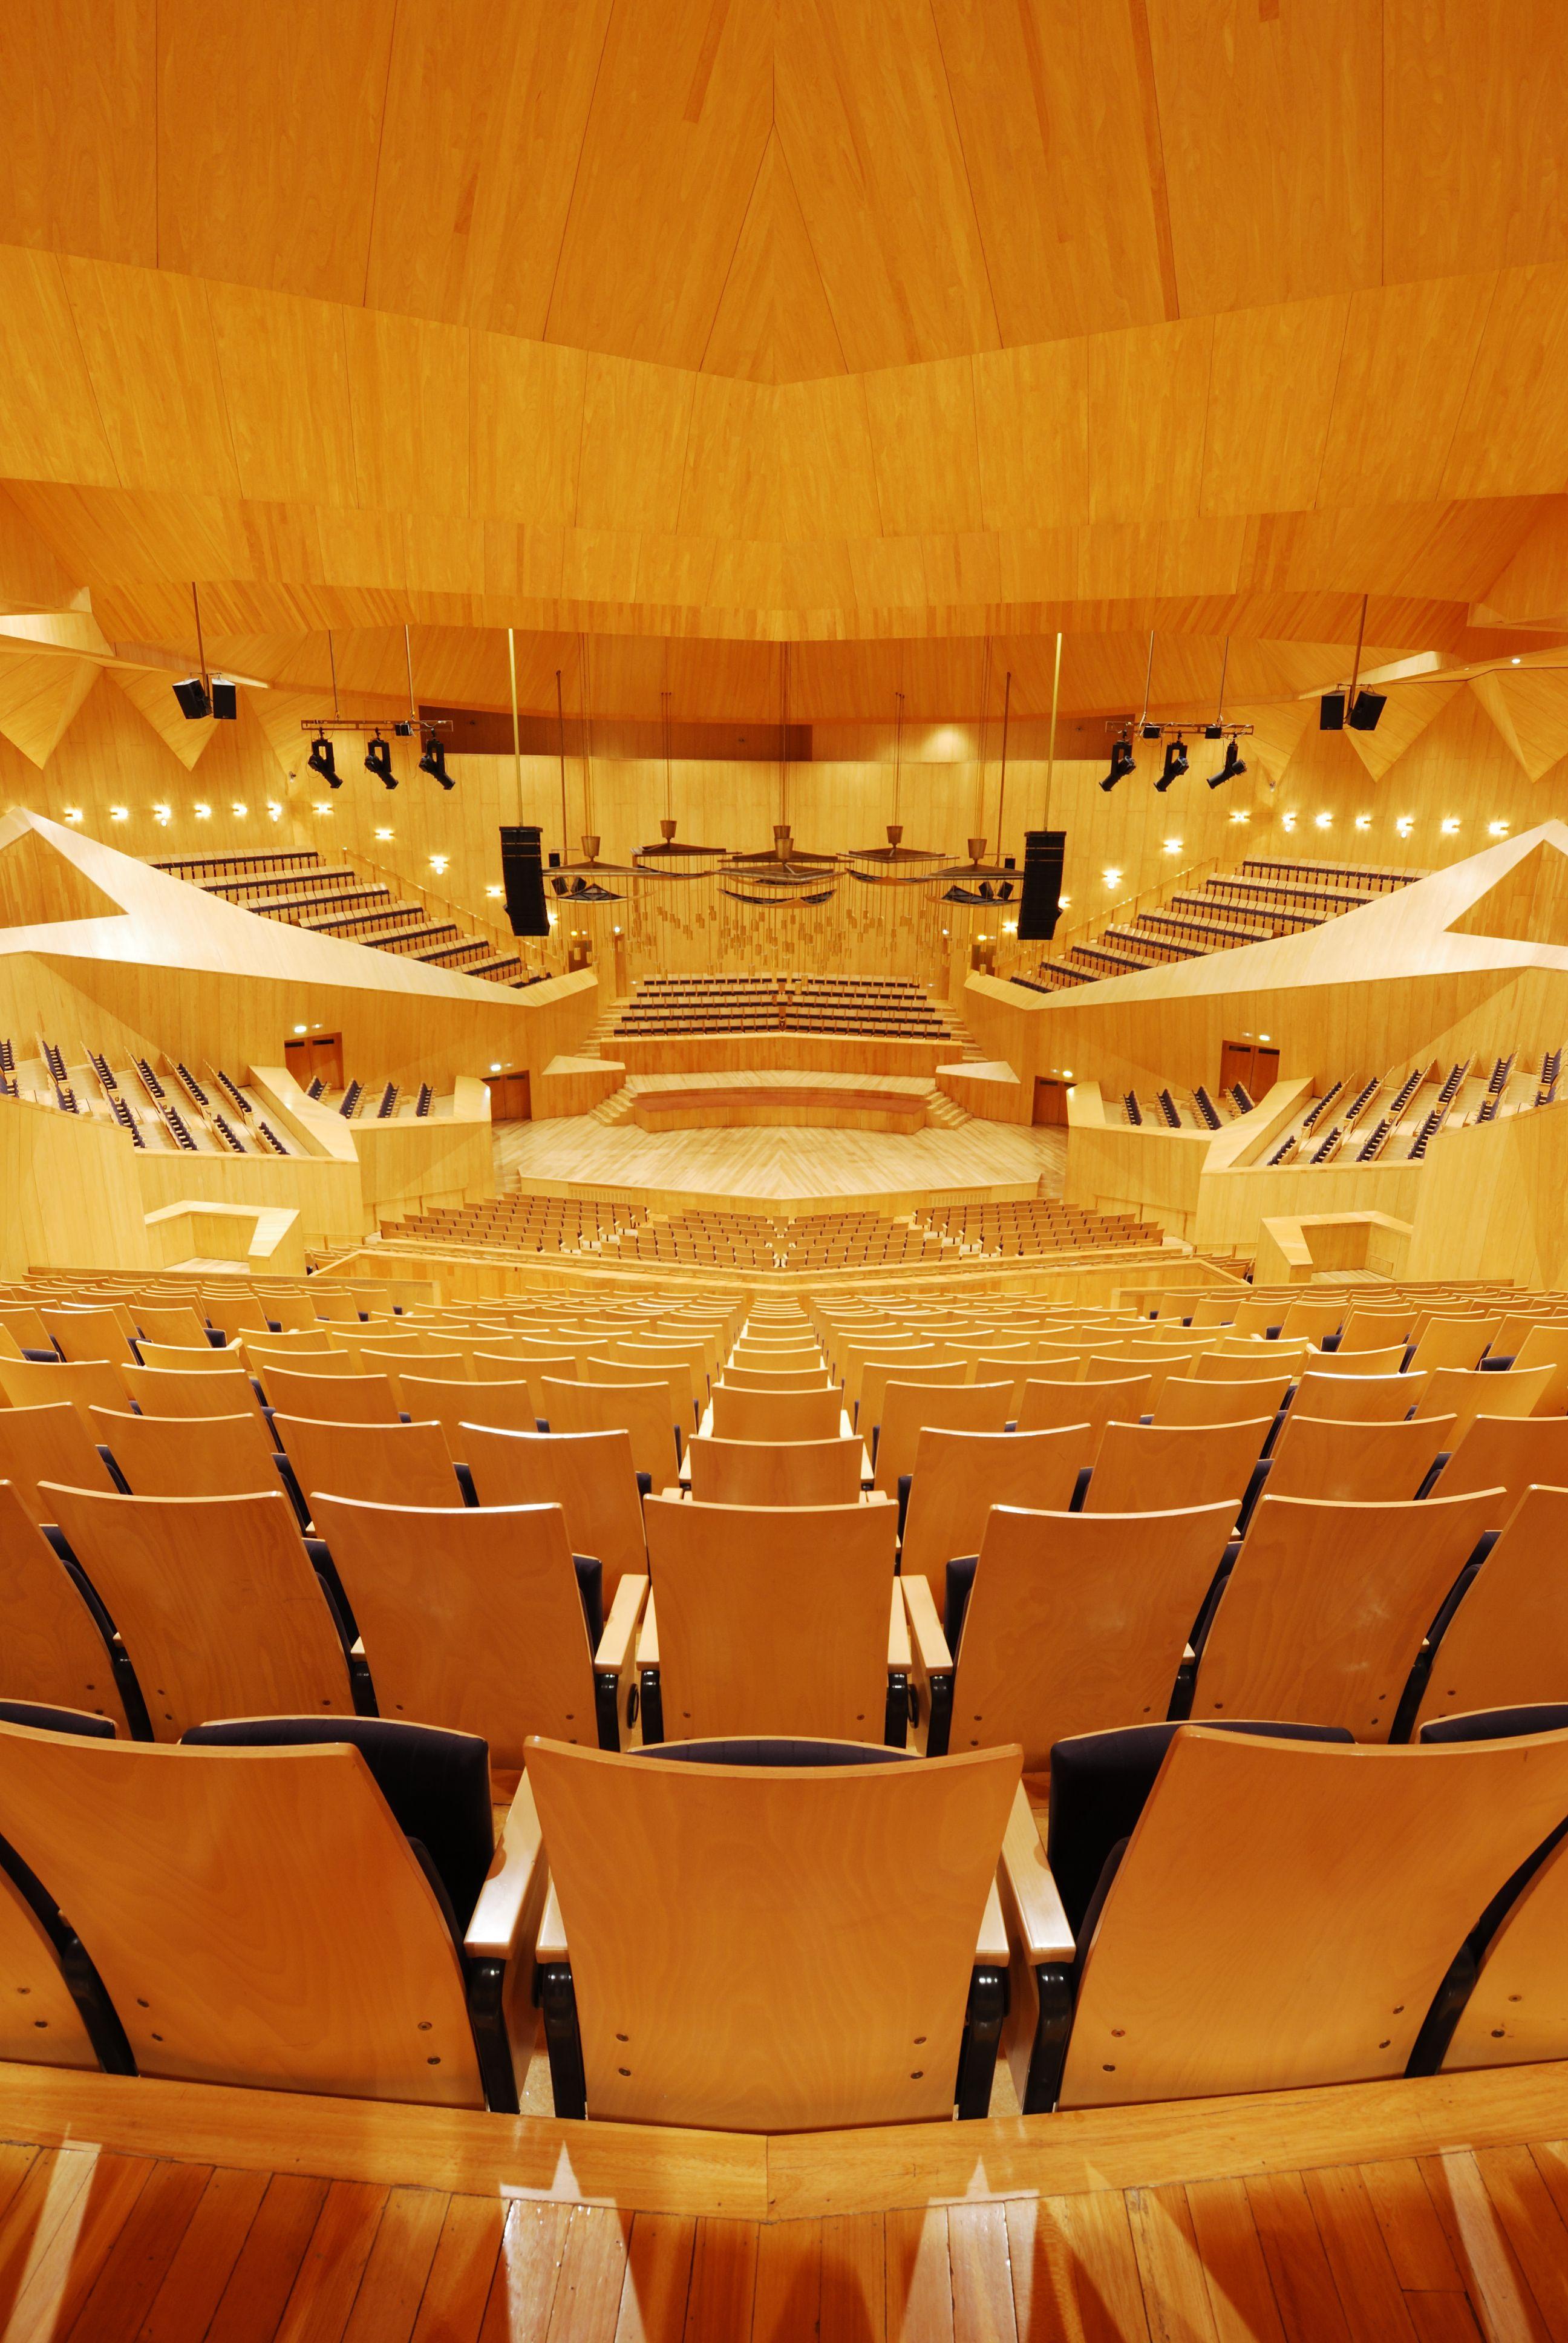 Sala mozart auditorio y palacio de congresos de zaragoza vah estudio de fotograf a - Estudio arquitectura zaragoza ...